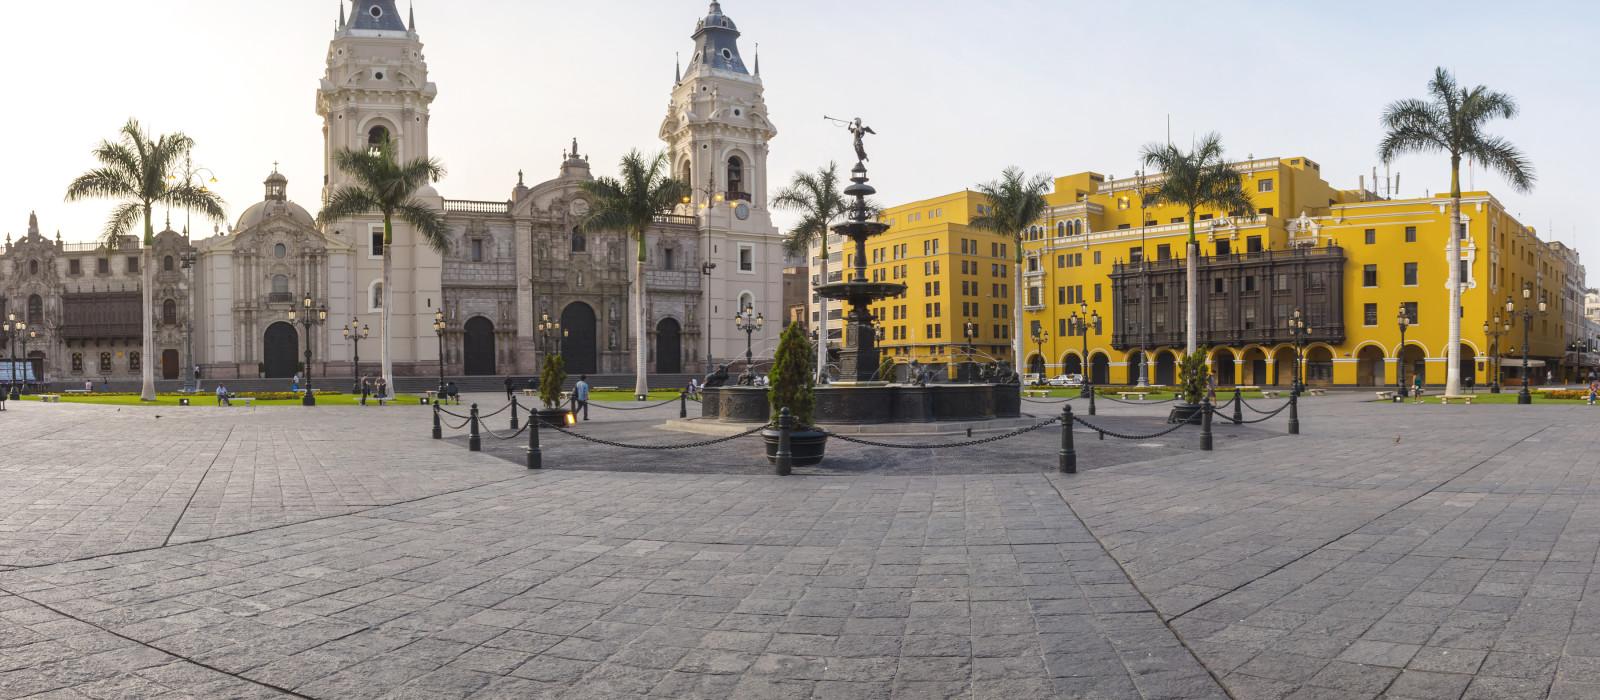 Panoramablick auf den Limas Hauptplatz und die Kathedrale von Lima, Peru, Südamerika